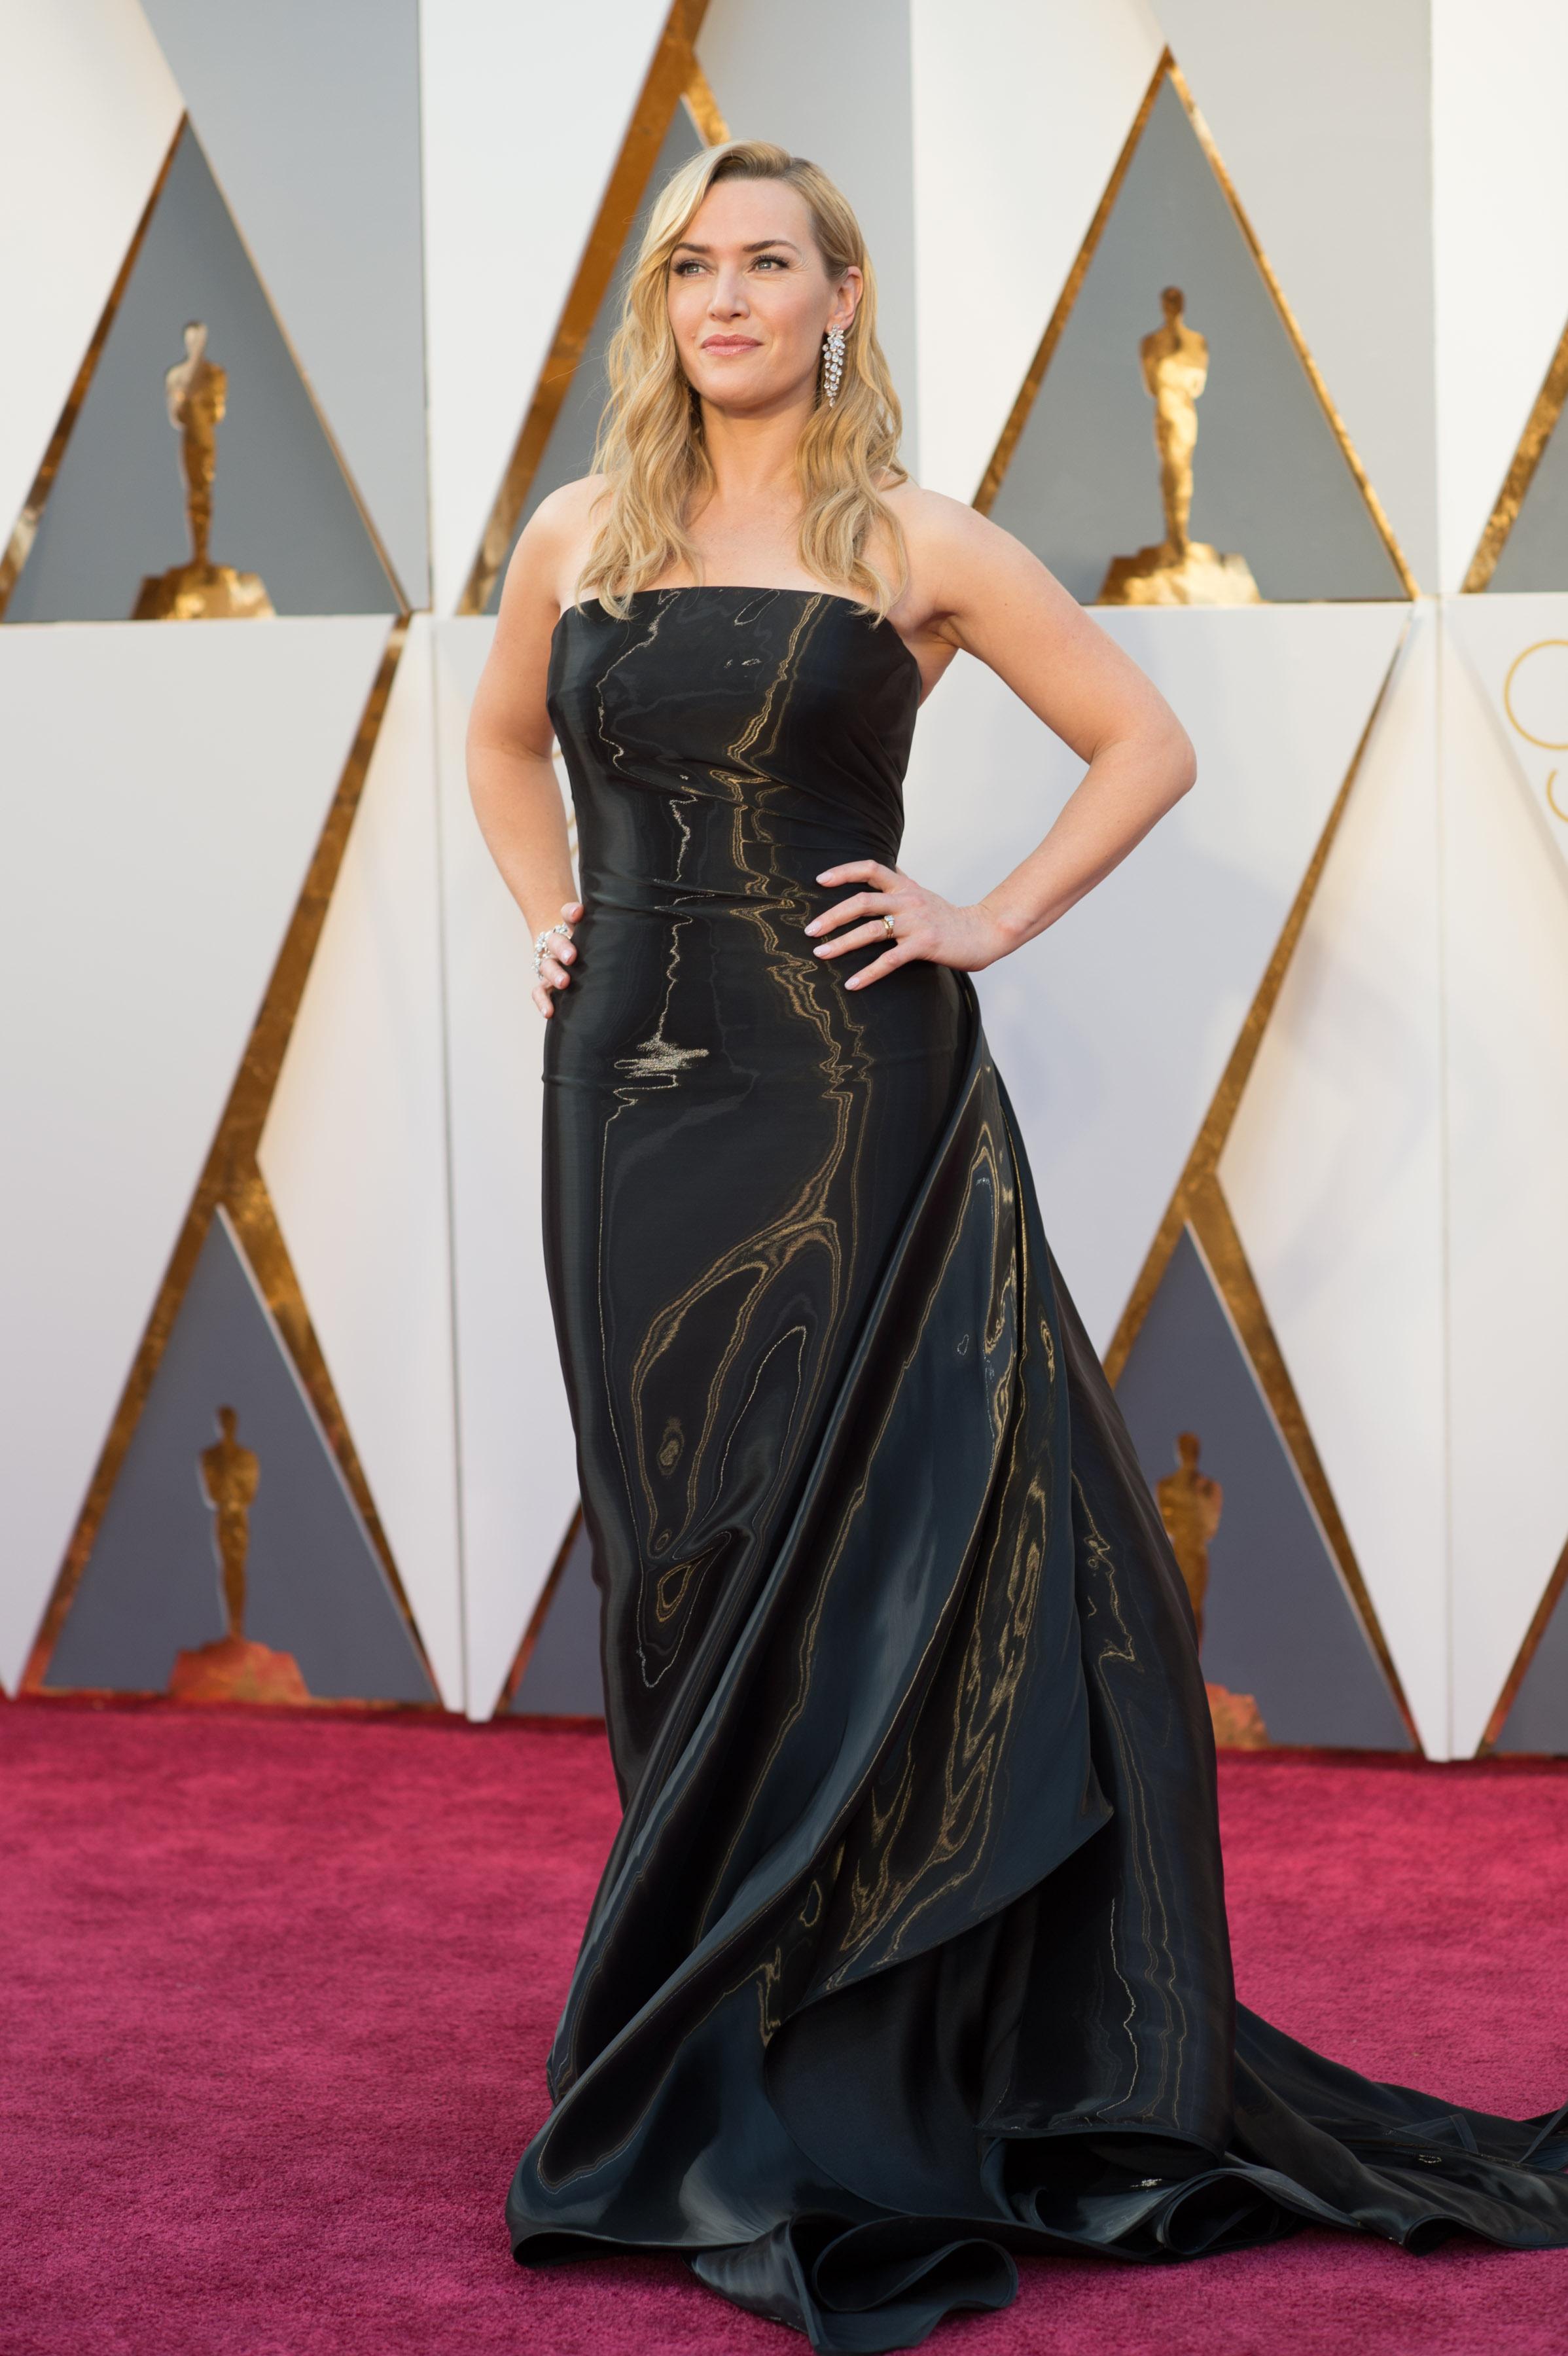 Kate Winslet a fost inclusă la categoria prost îmbrăcate, din cauza acestei rochii